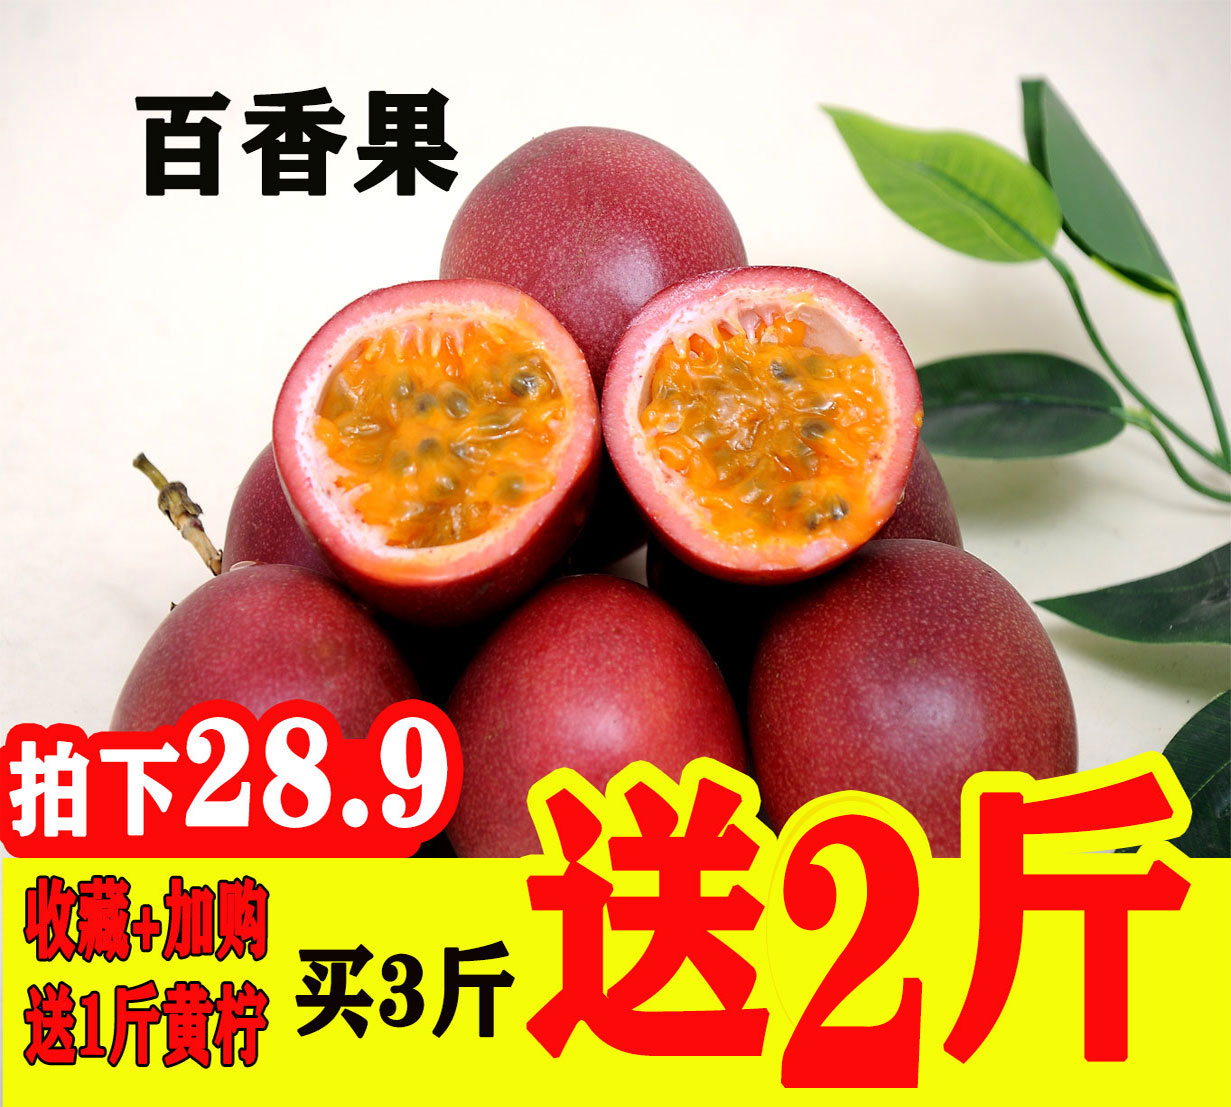 正常发货广西百香果水果新鲜鸡蛋果大红果当季整箱包邮百香果